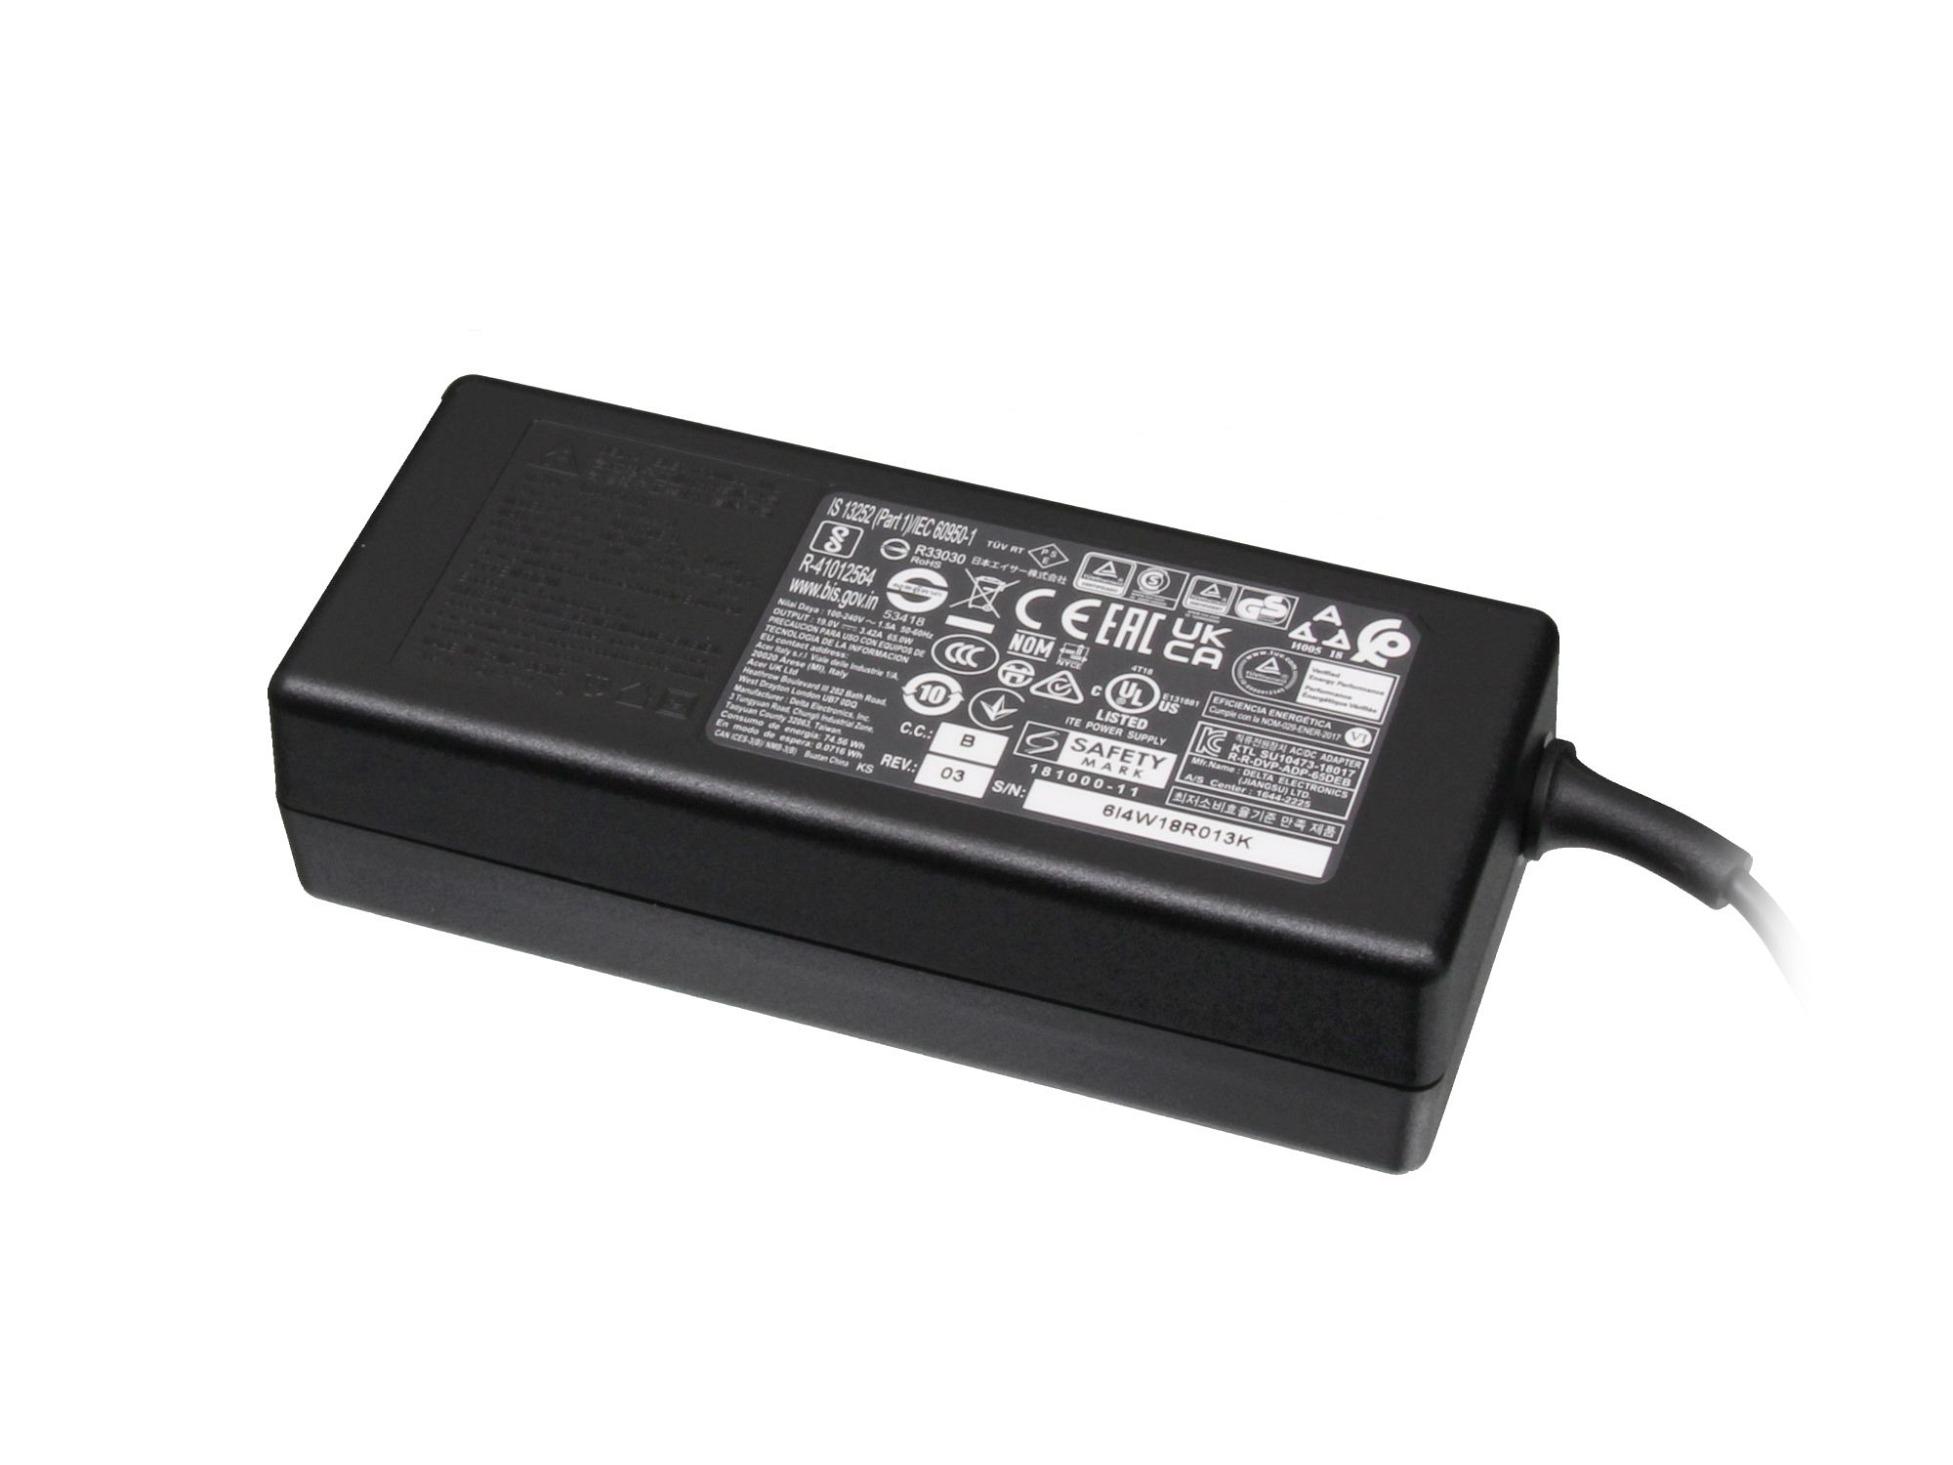 Netzteil Packard Bell EasyNote TK85-GN-008GE